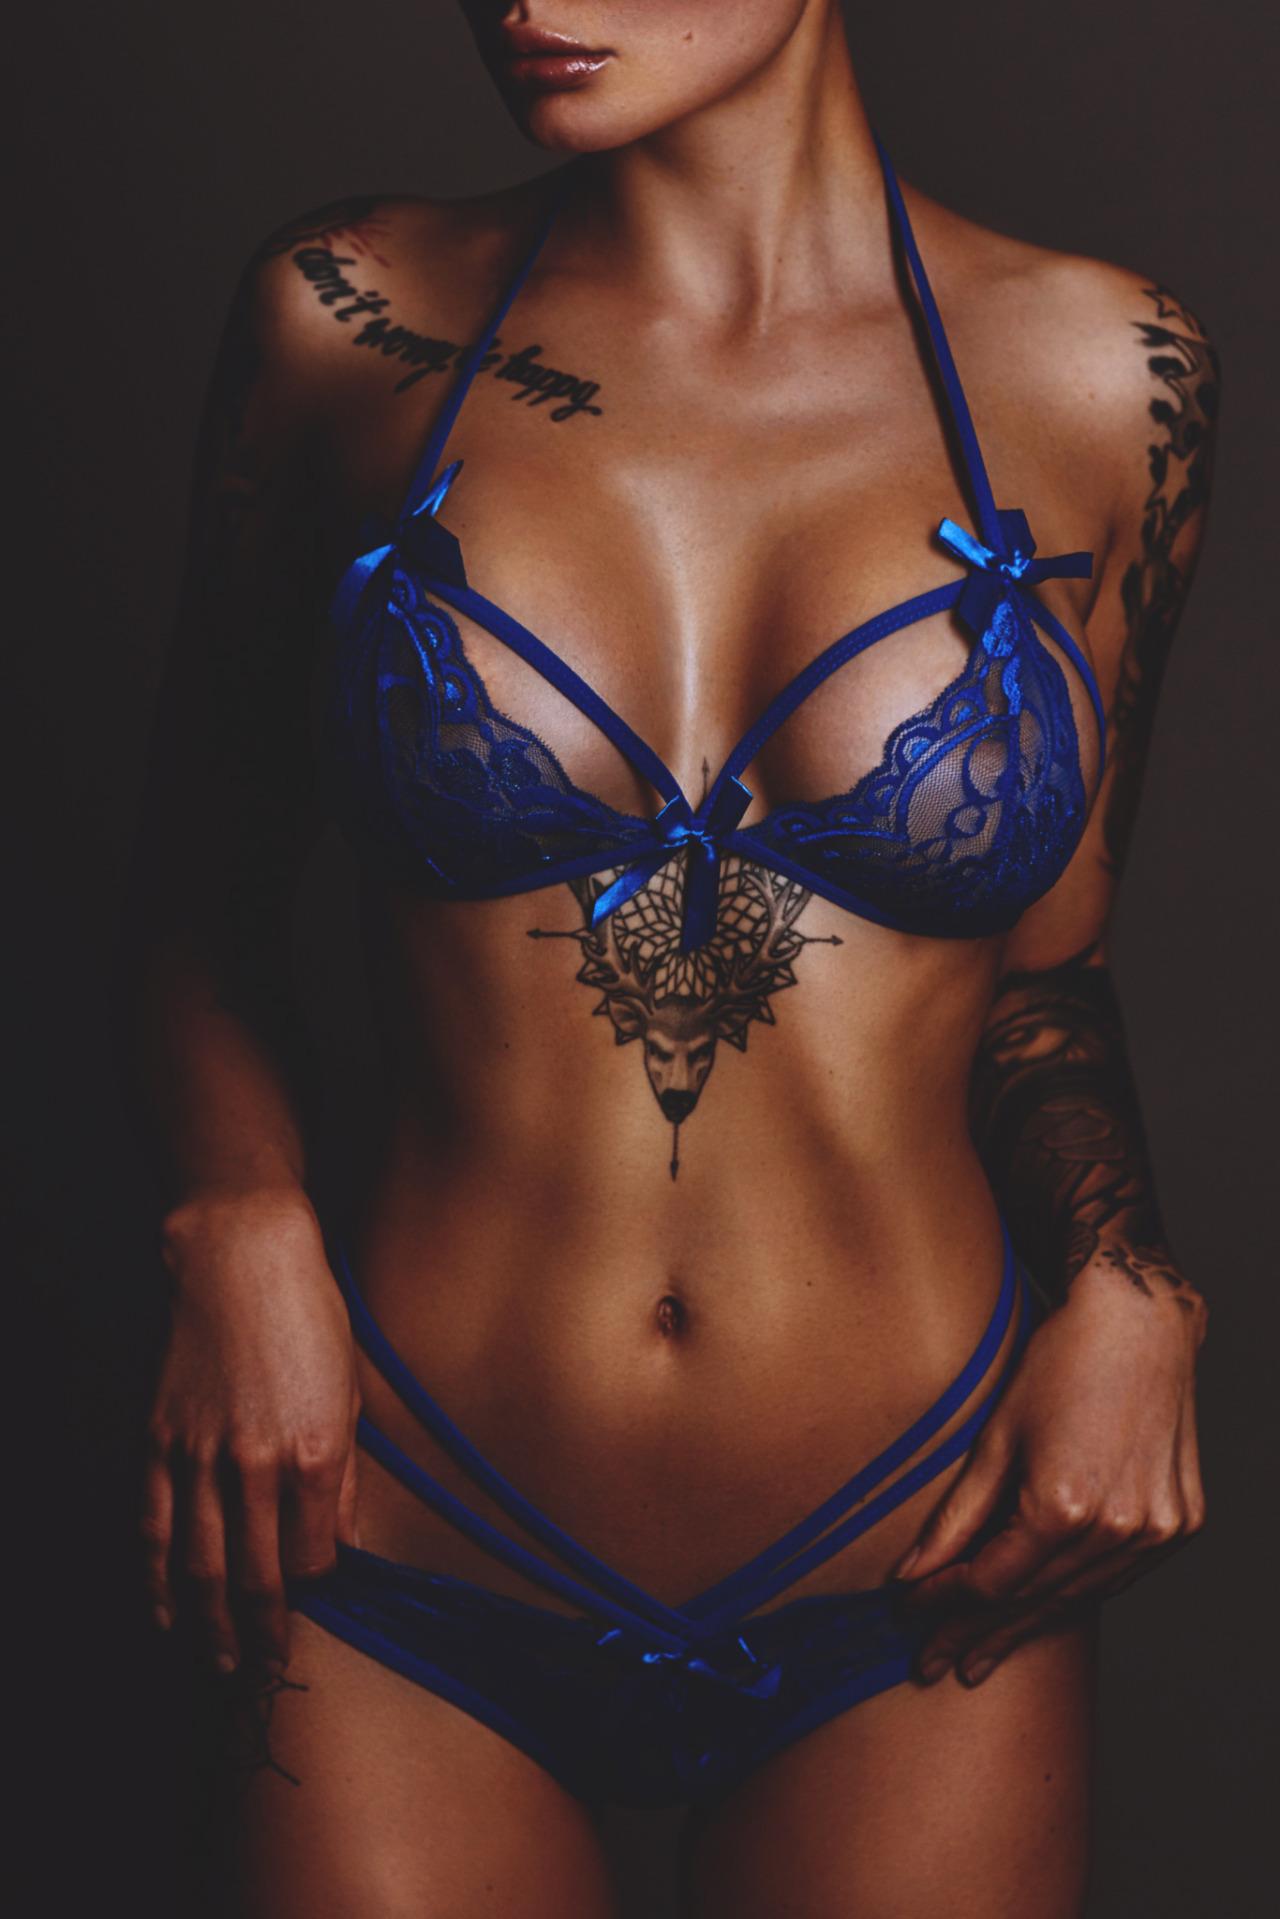 【タトゥーエロ画像】小さいの1つだけならいいけど…広がる程に困惑のタトゥー美女(;・∀・)